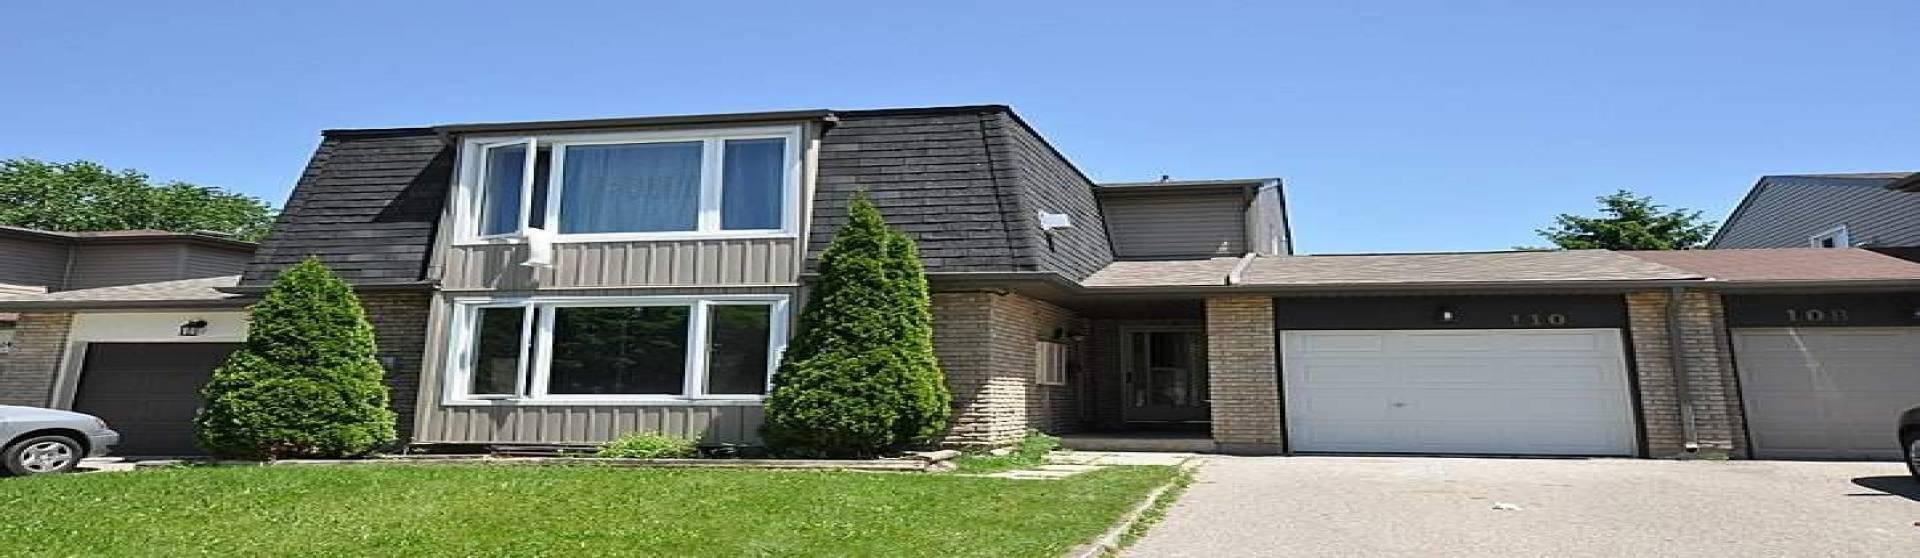 110 Elm Ridge Dr, Kitchener, Ontario N2N1H6, 3 Bedrooms Bedrooms, 4 Rooms Rooms,2 BathroomsBathrooms,Condo Apt,Sale,Elm Ridge,X4788626